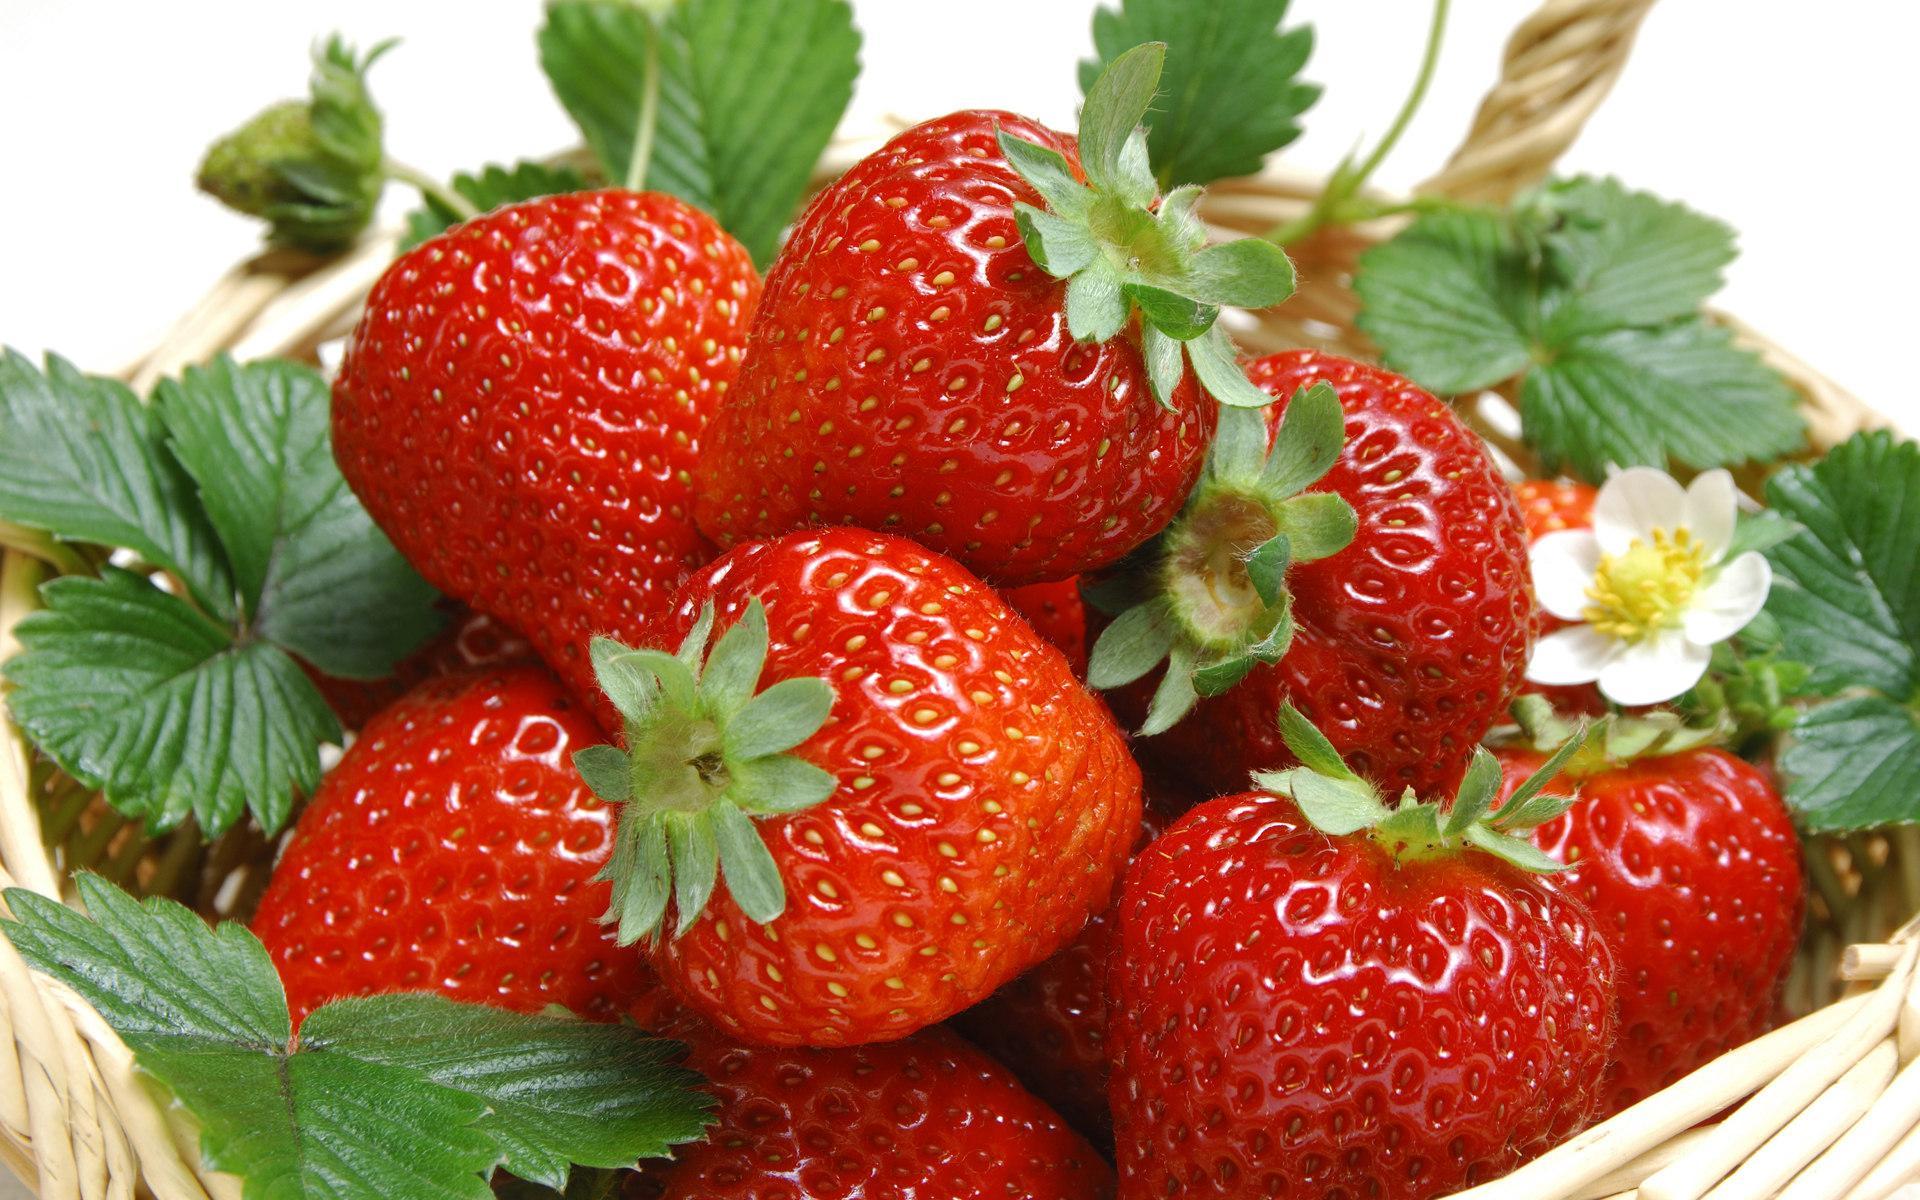 Клубника — польза и вред листьев, её калорийность, лечебные и полезные свойства варенья из клубники